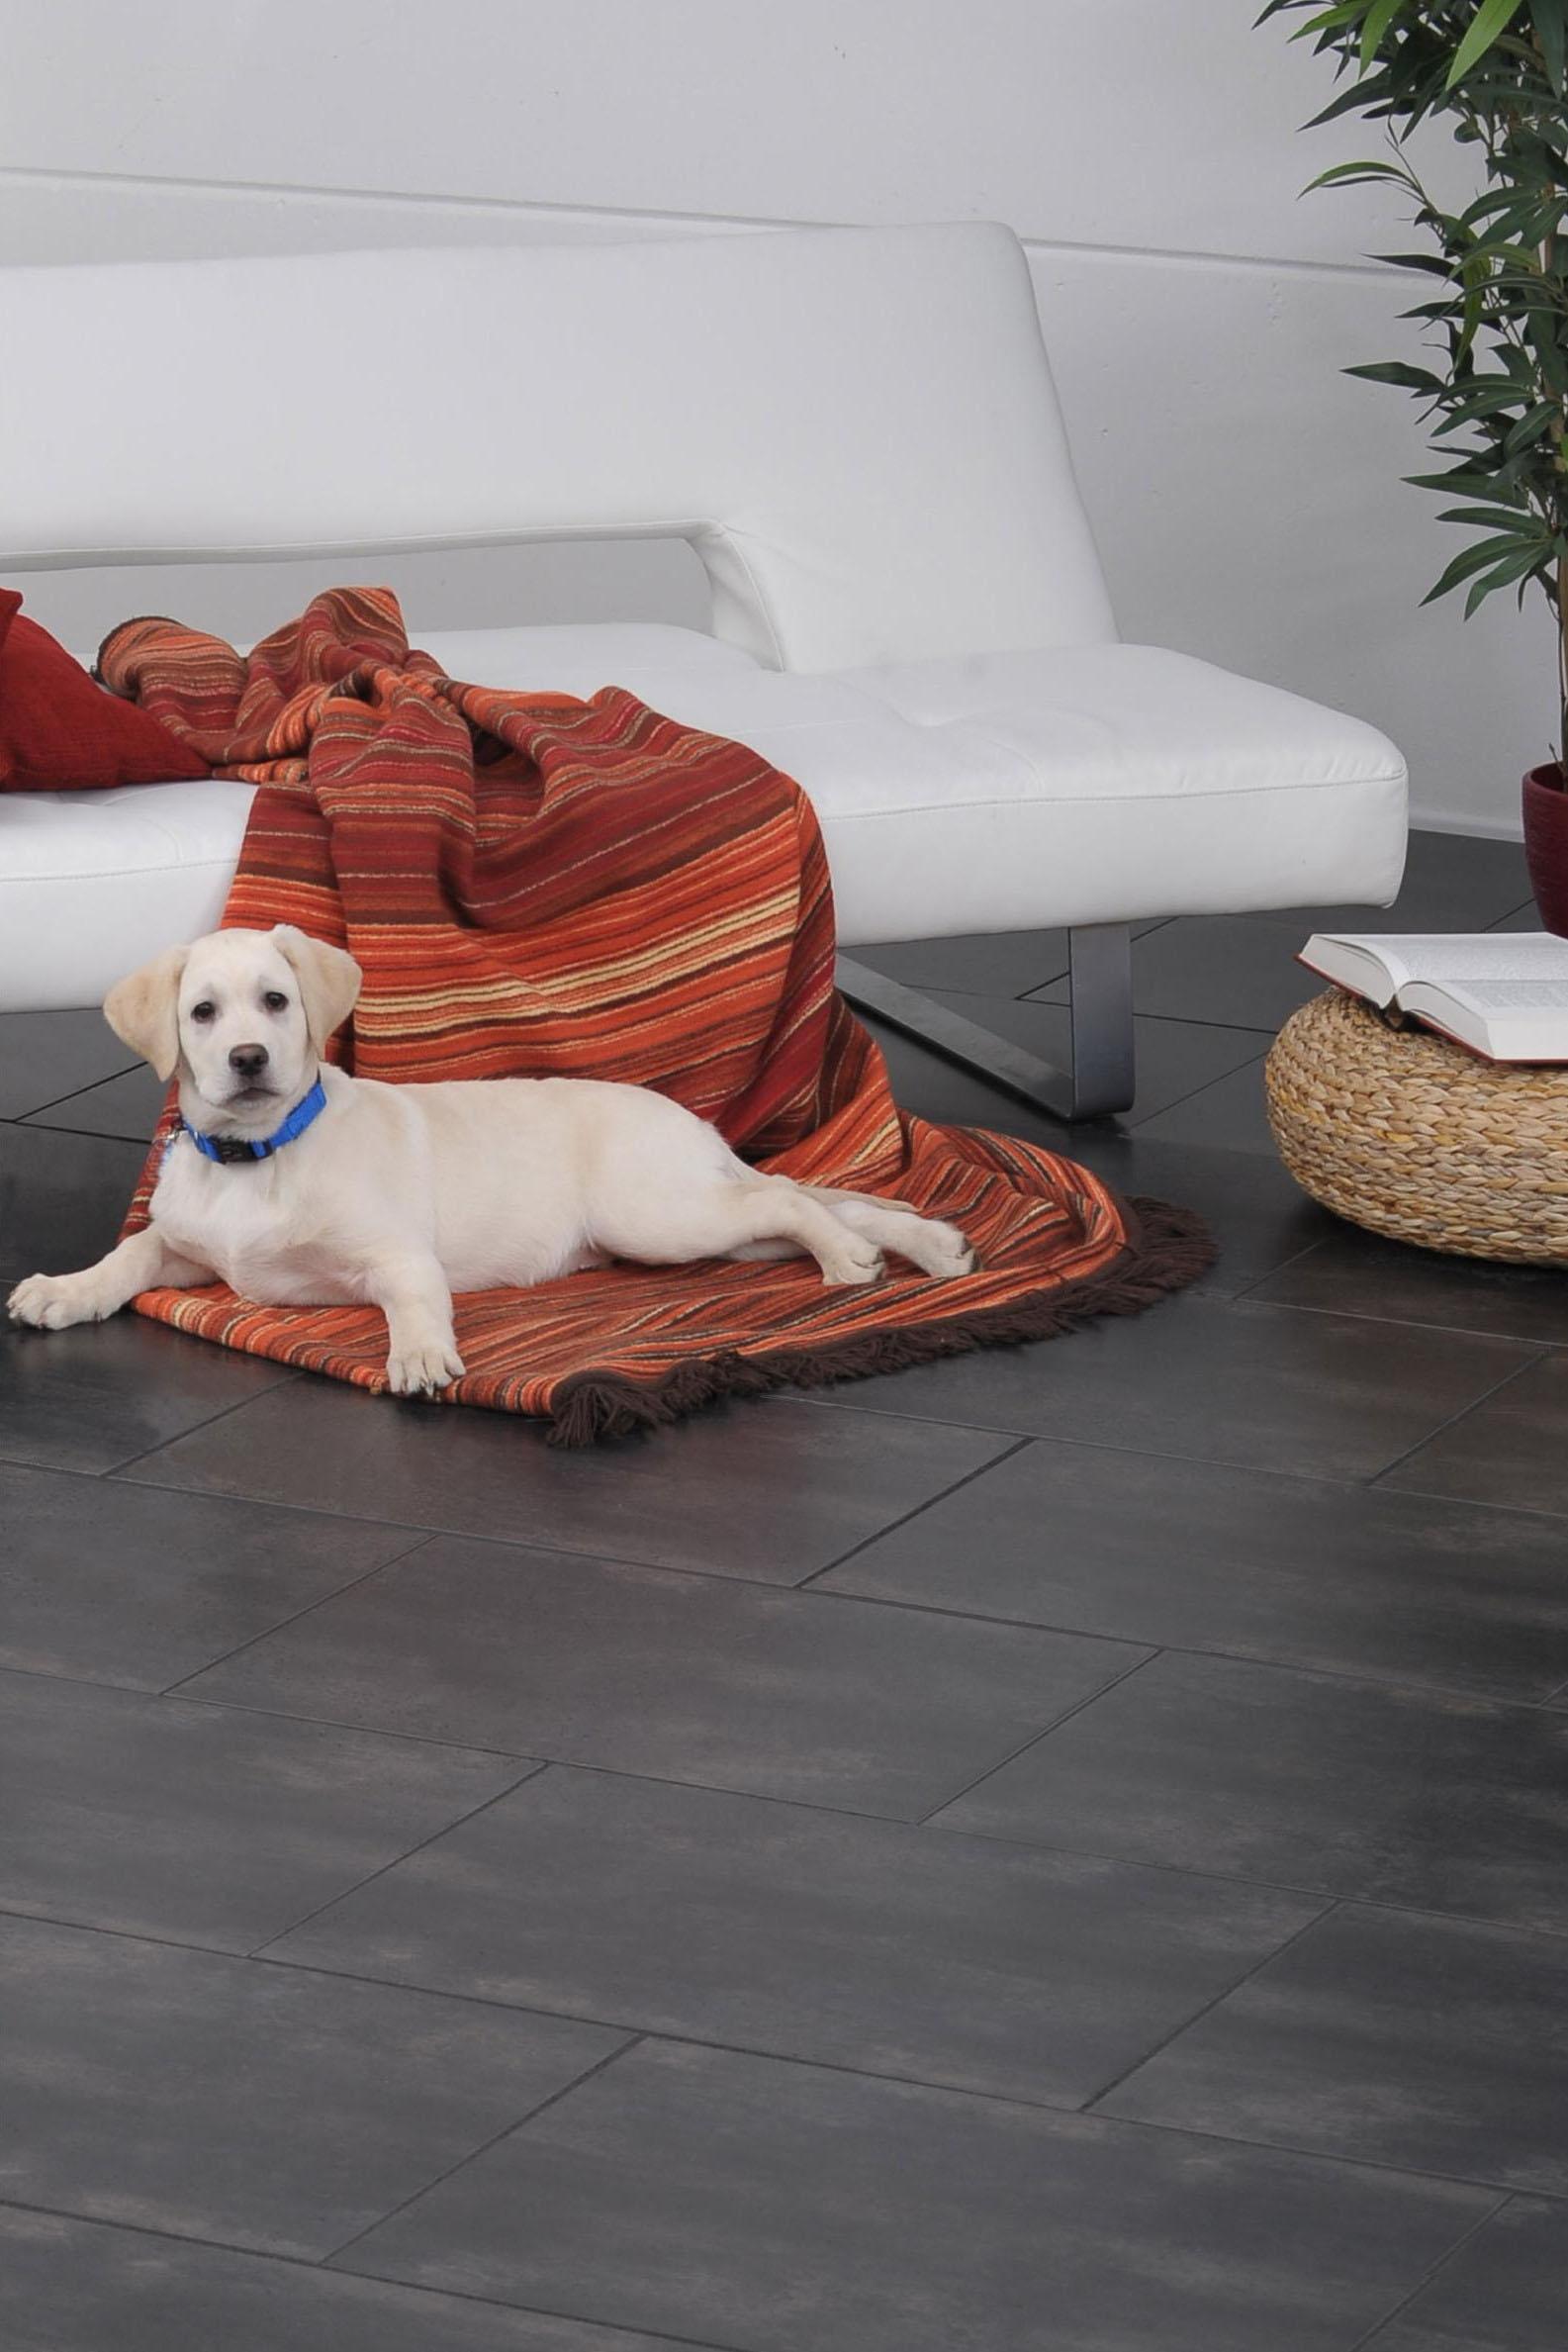 Ob schmutzige Hundepfoten oder lästiger Fellwechsel: Fliesen lassen sich im Nu reinigen - und Tierhaare können sich nicht auf der Oberfläche festsetzen.